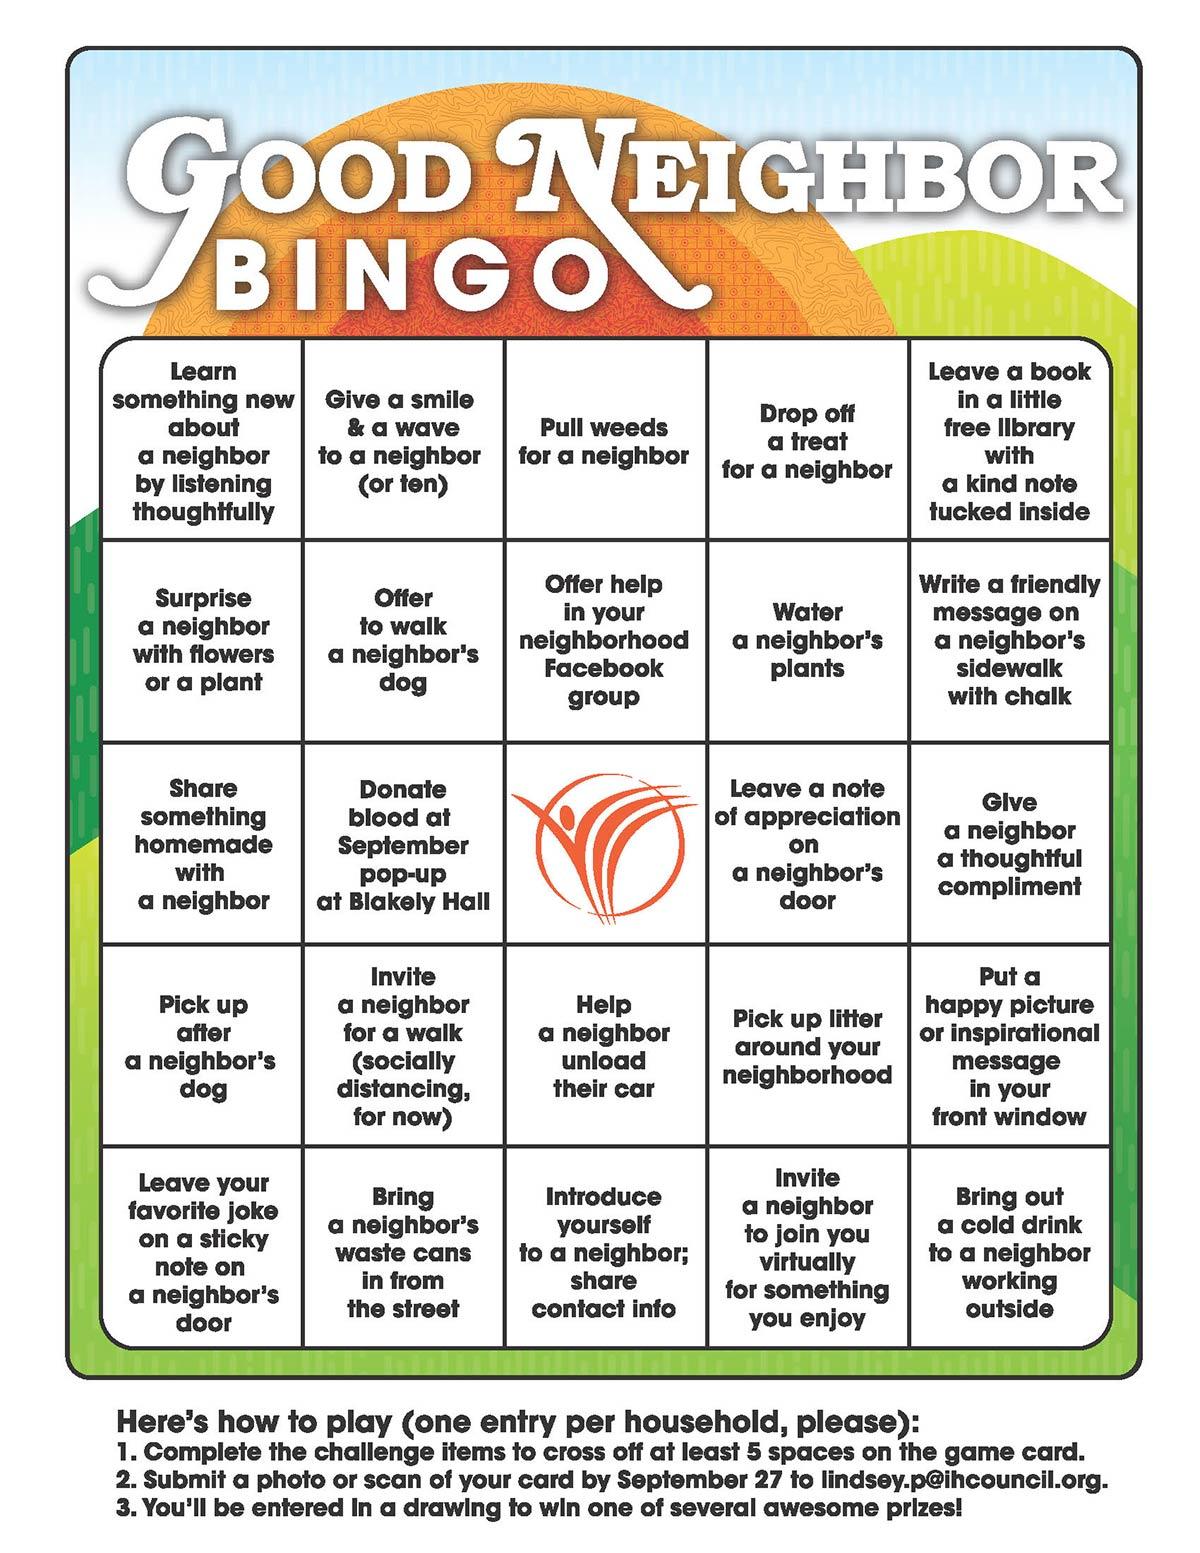 Good Neighbor Bingo Card